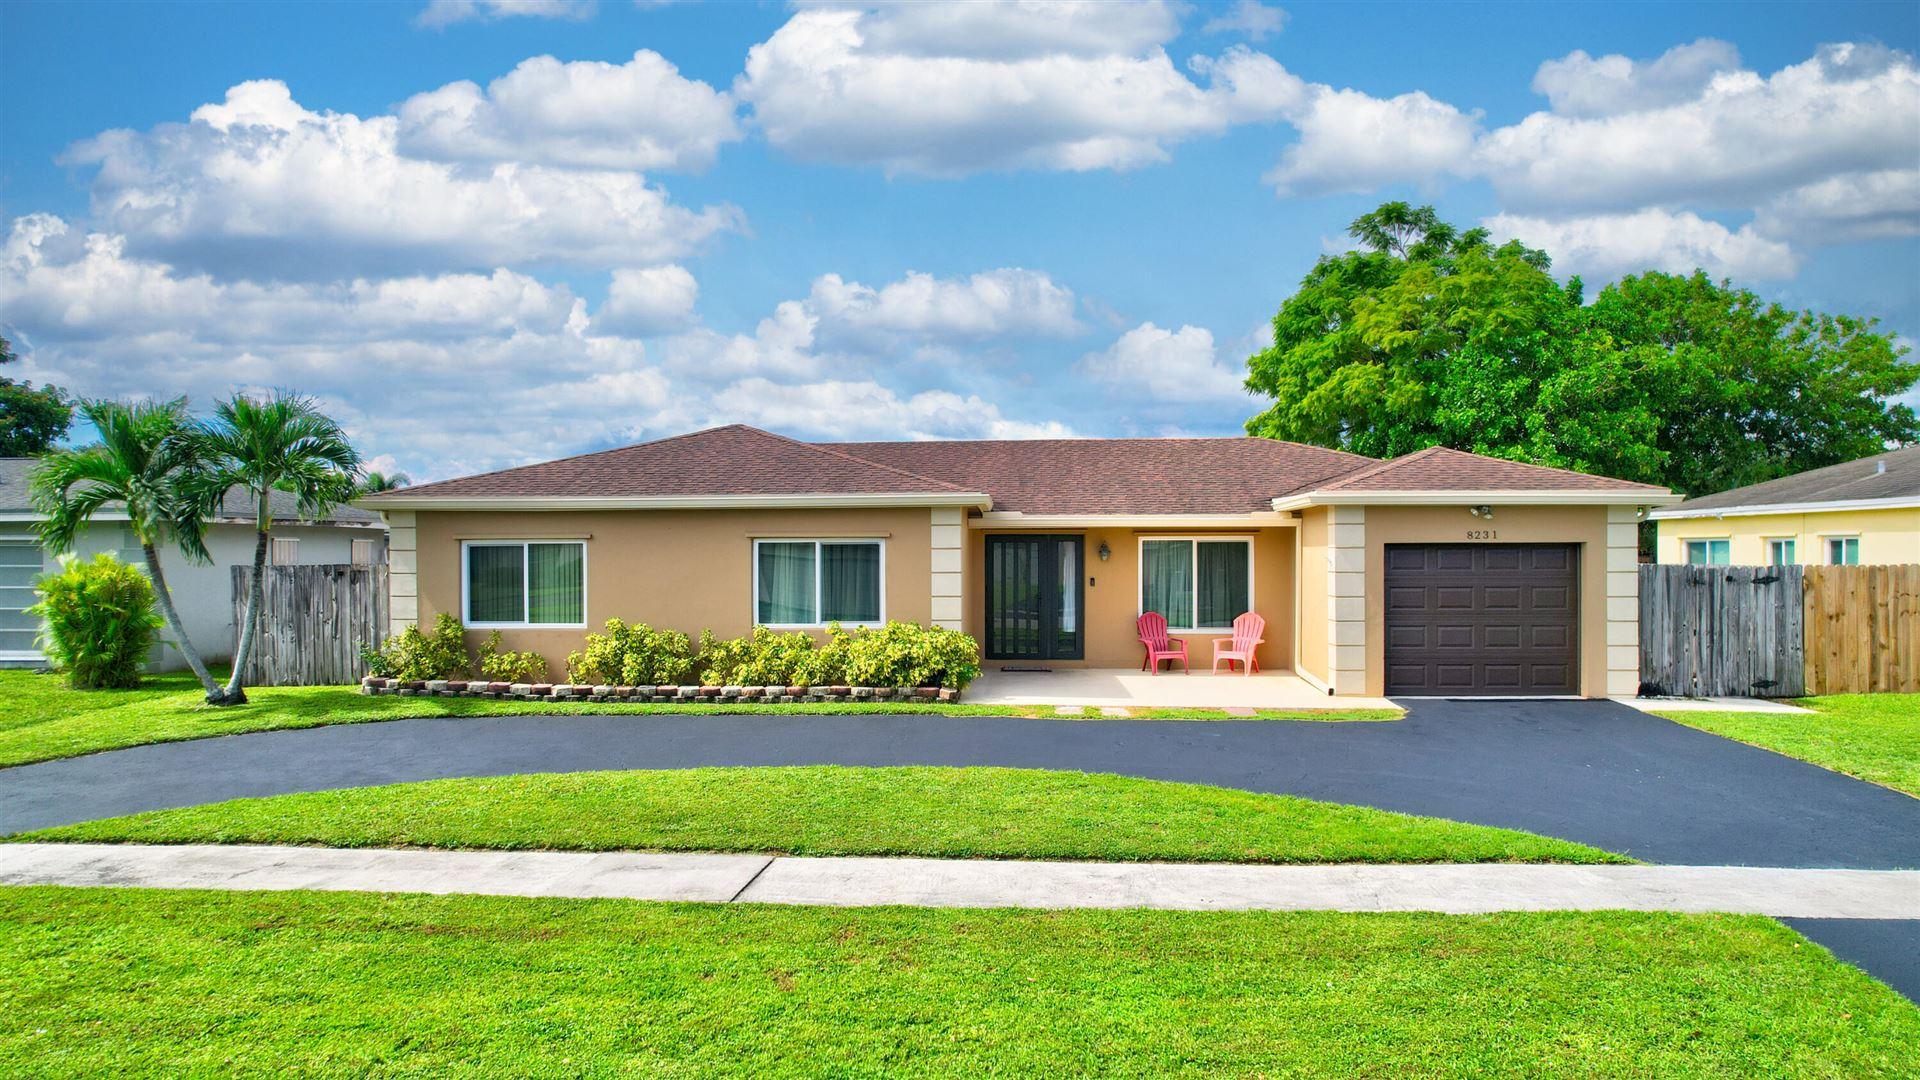 8231 NW 66th Terrace, Tamarac, FL 33321 - MLS#: RX-10753264